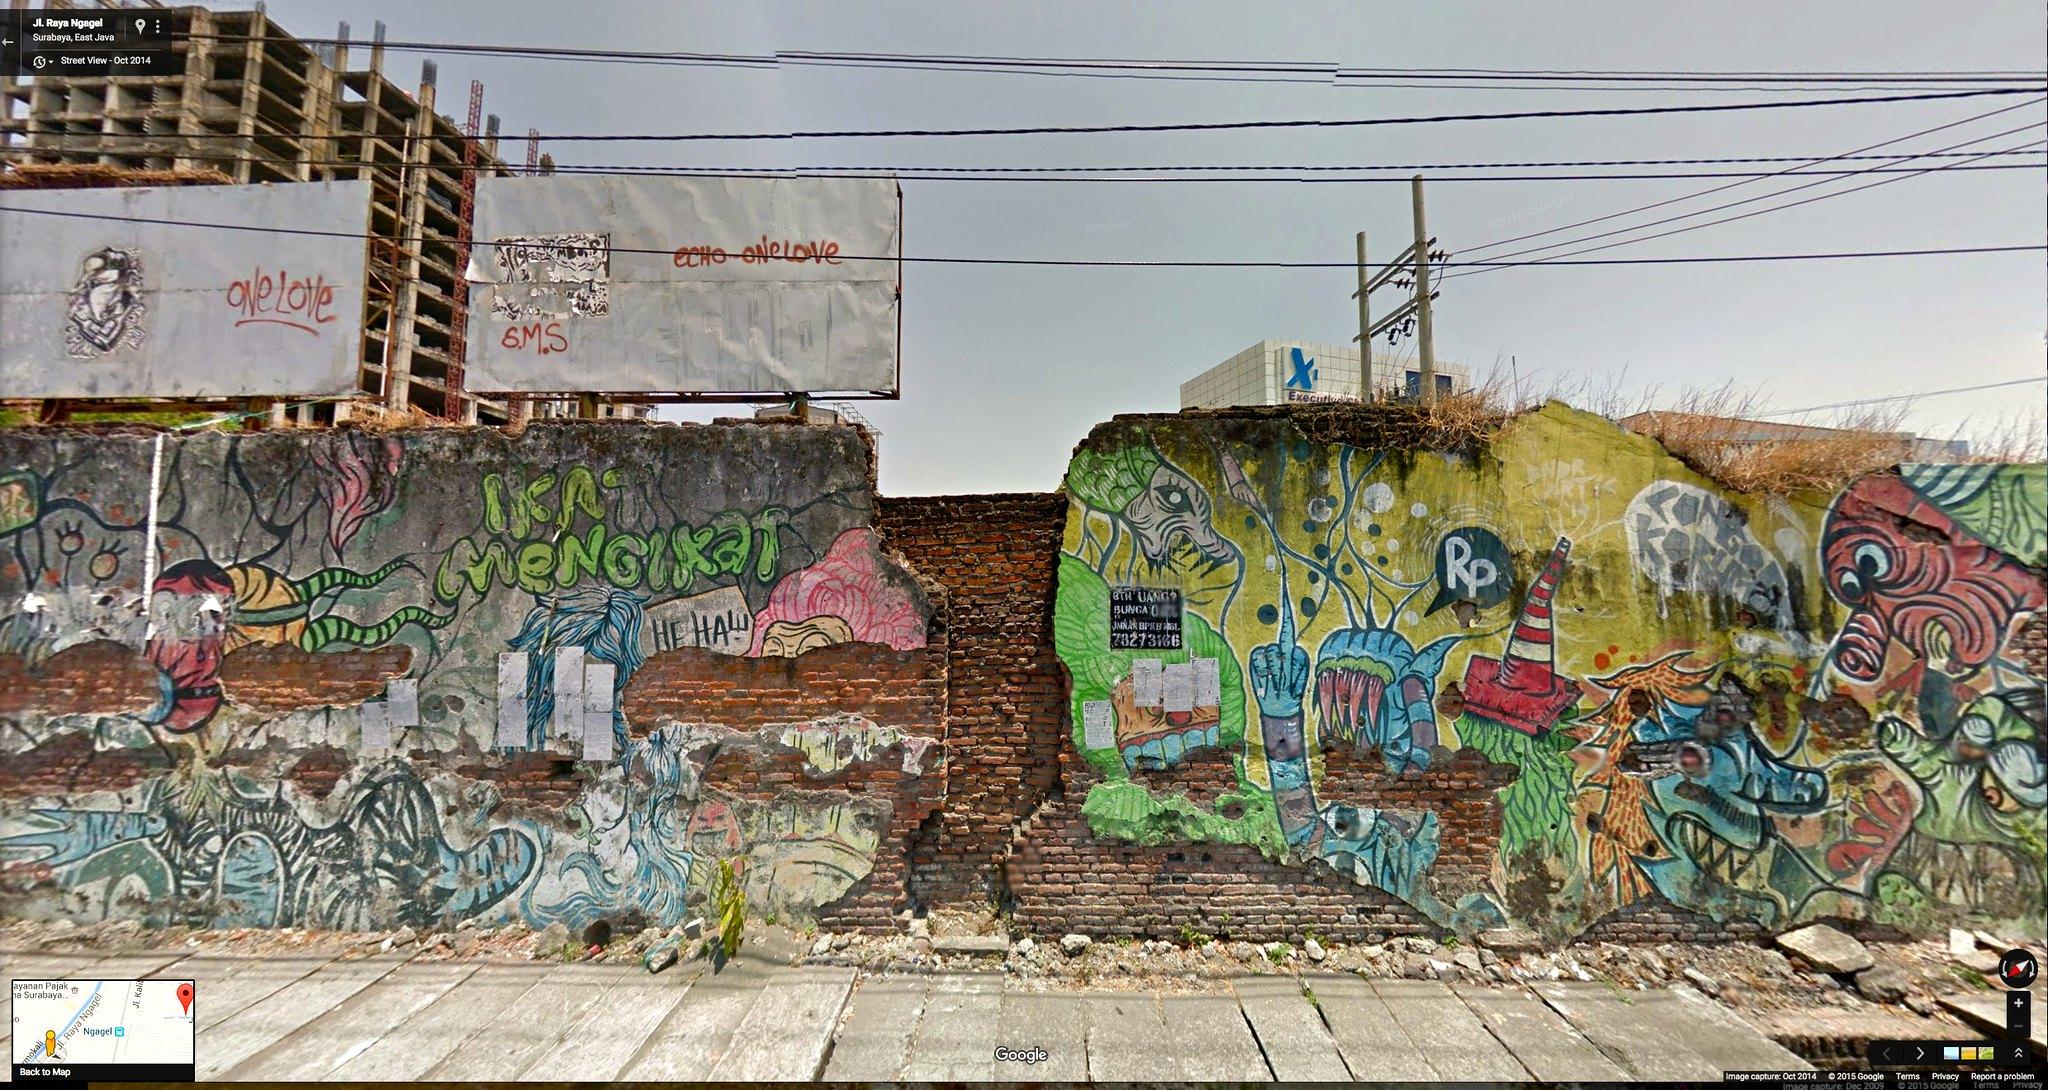 KD's World Tour: Surabaya street art